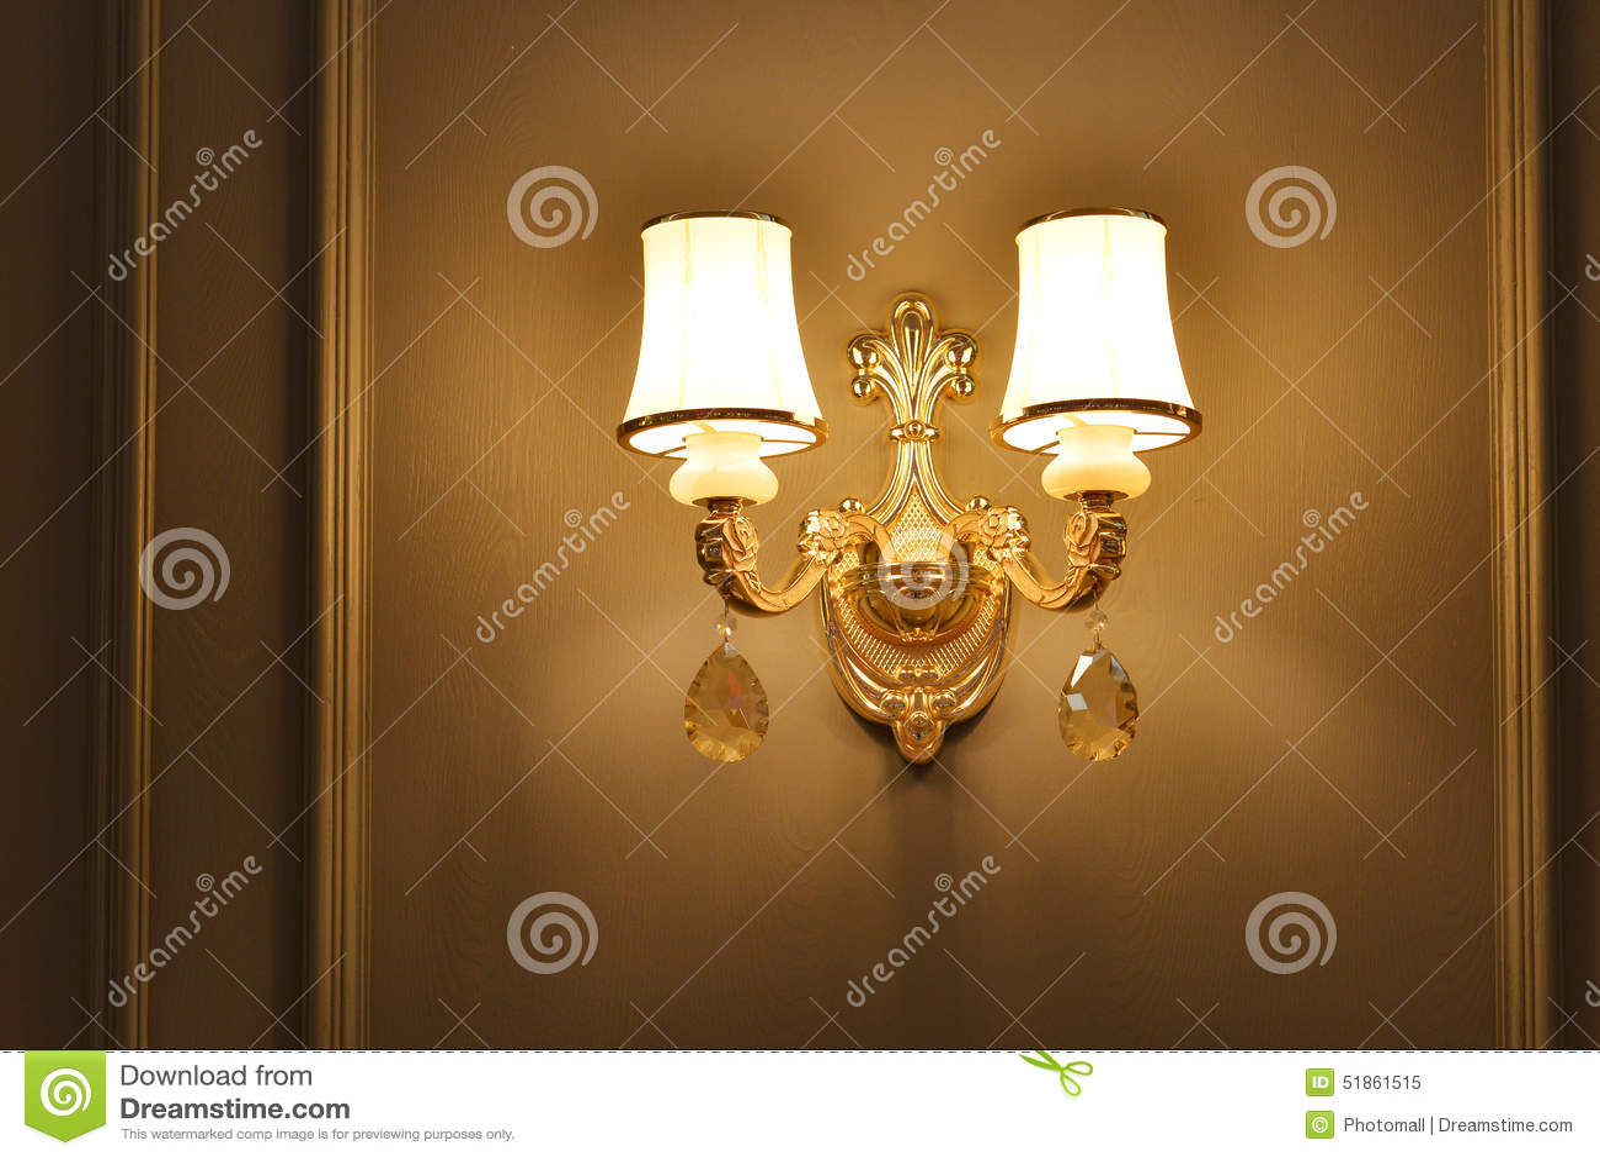 Luxury Crystal Wall Lighting Stock Image  Image 51861515